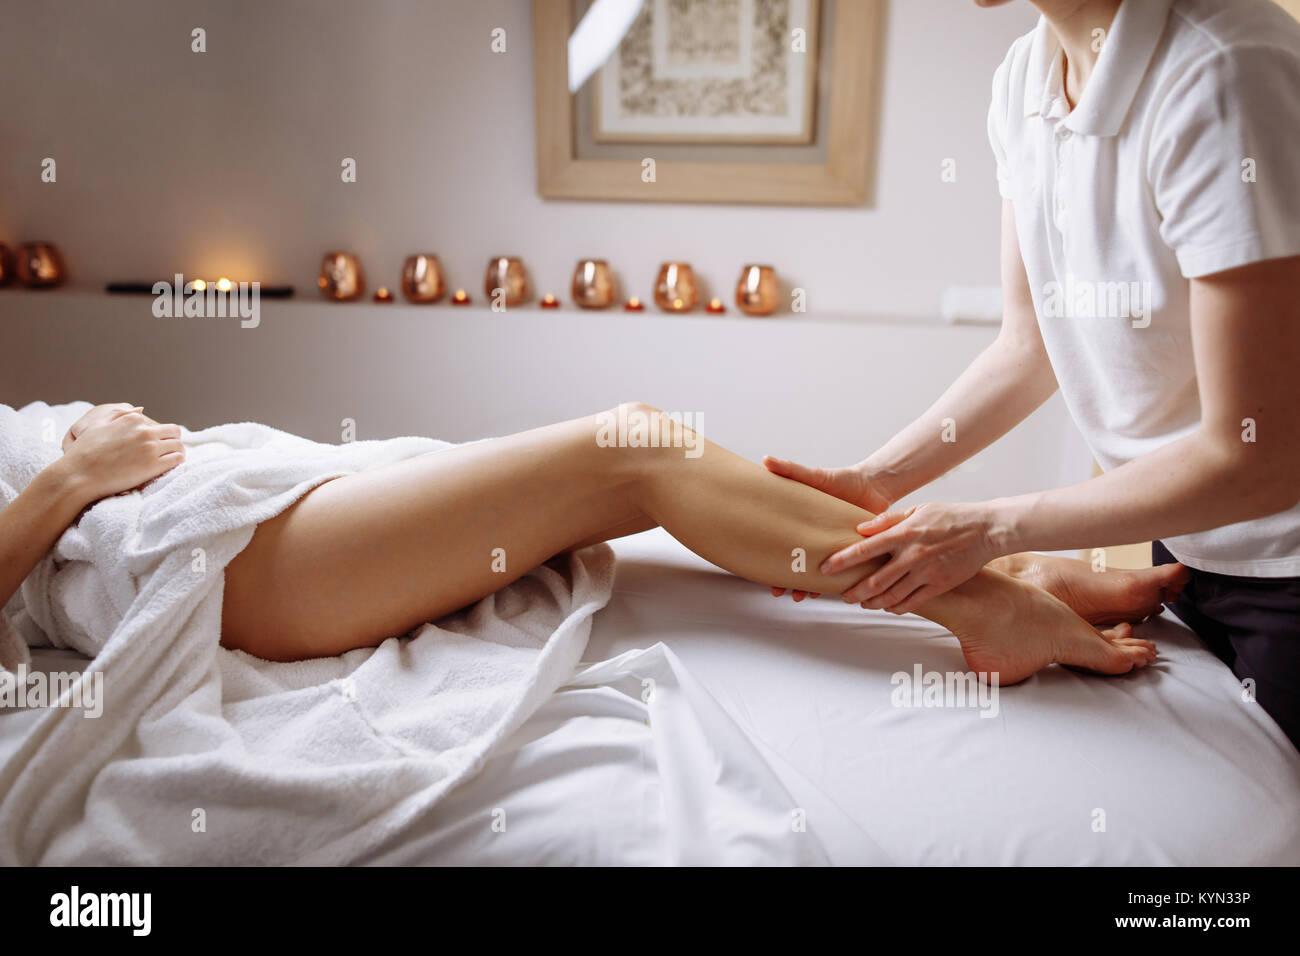 Des mains le massage musculaire au mollet.Thérapeute en appliquant une pression sur la jambe Banque D'Images